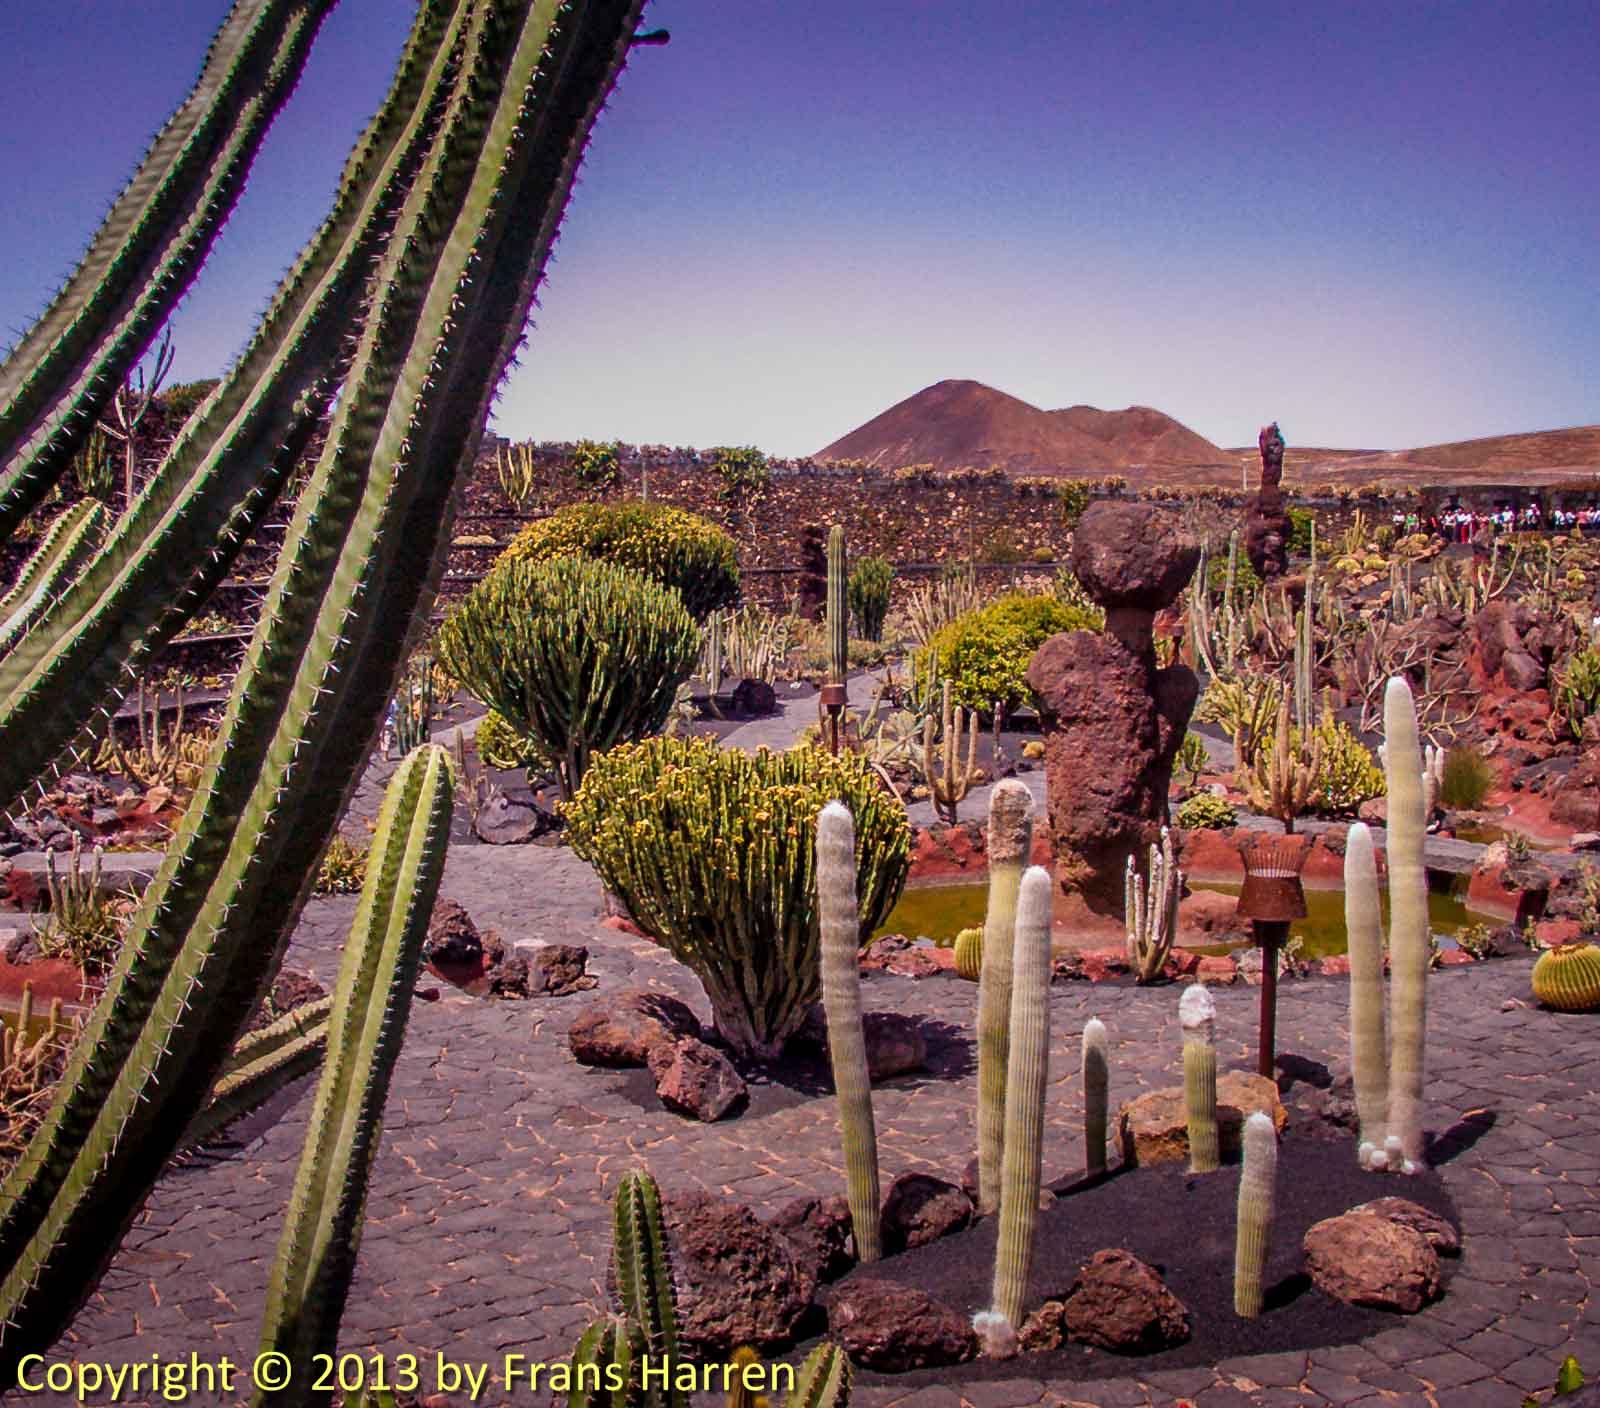 Jard n de cactus frans harren photography for Jardineras de cactus